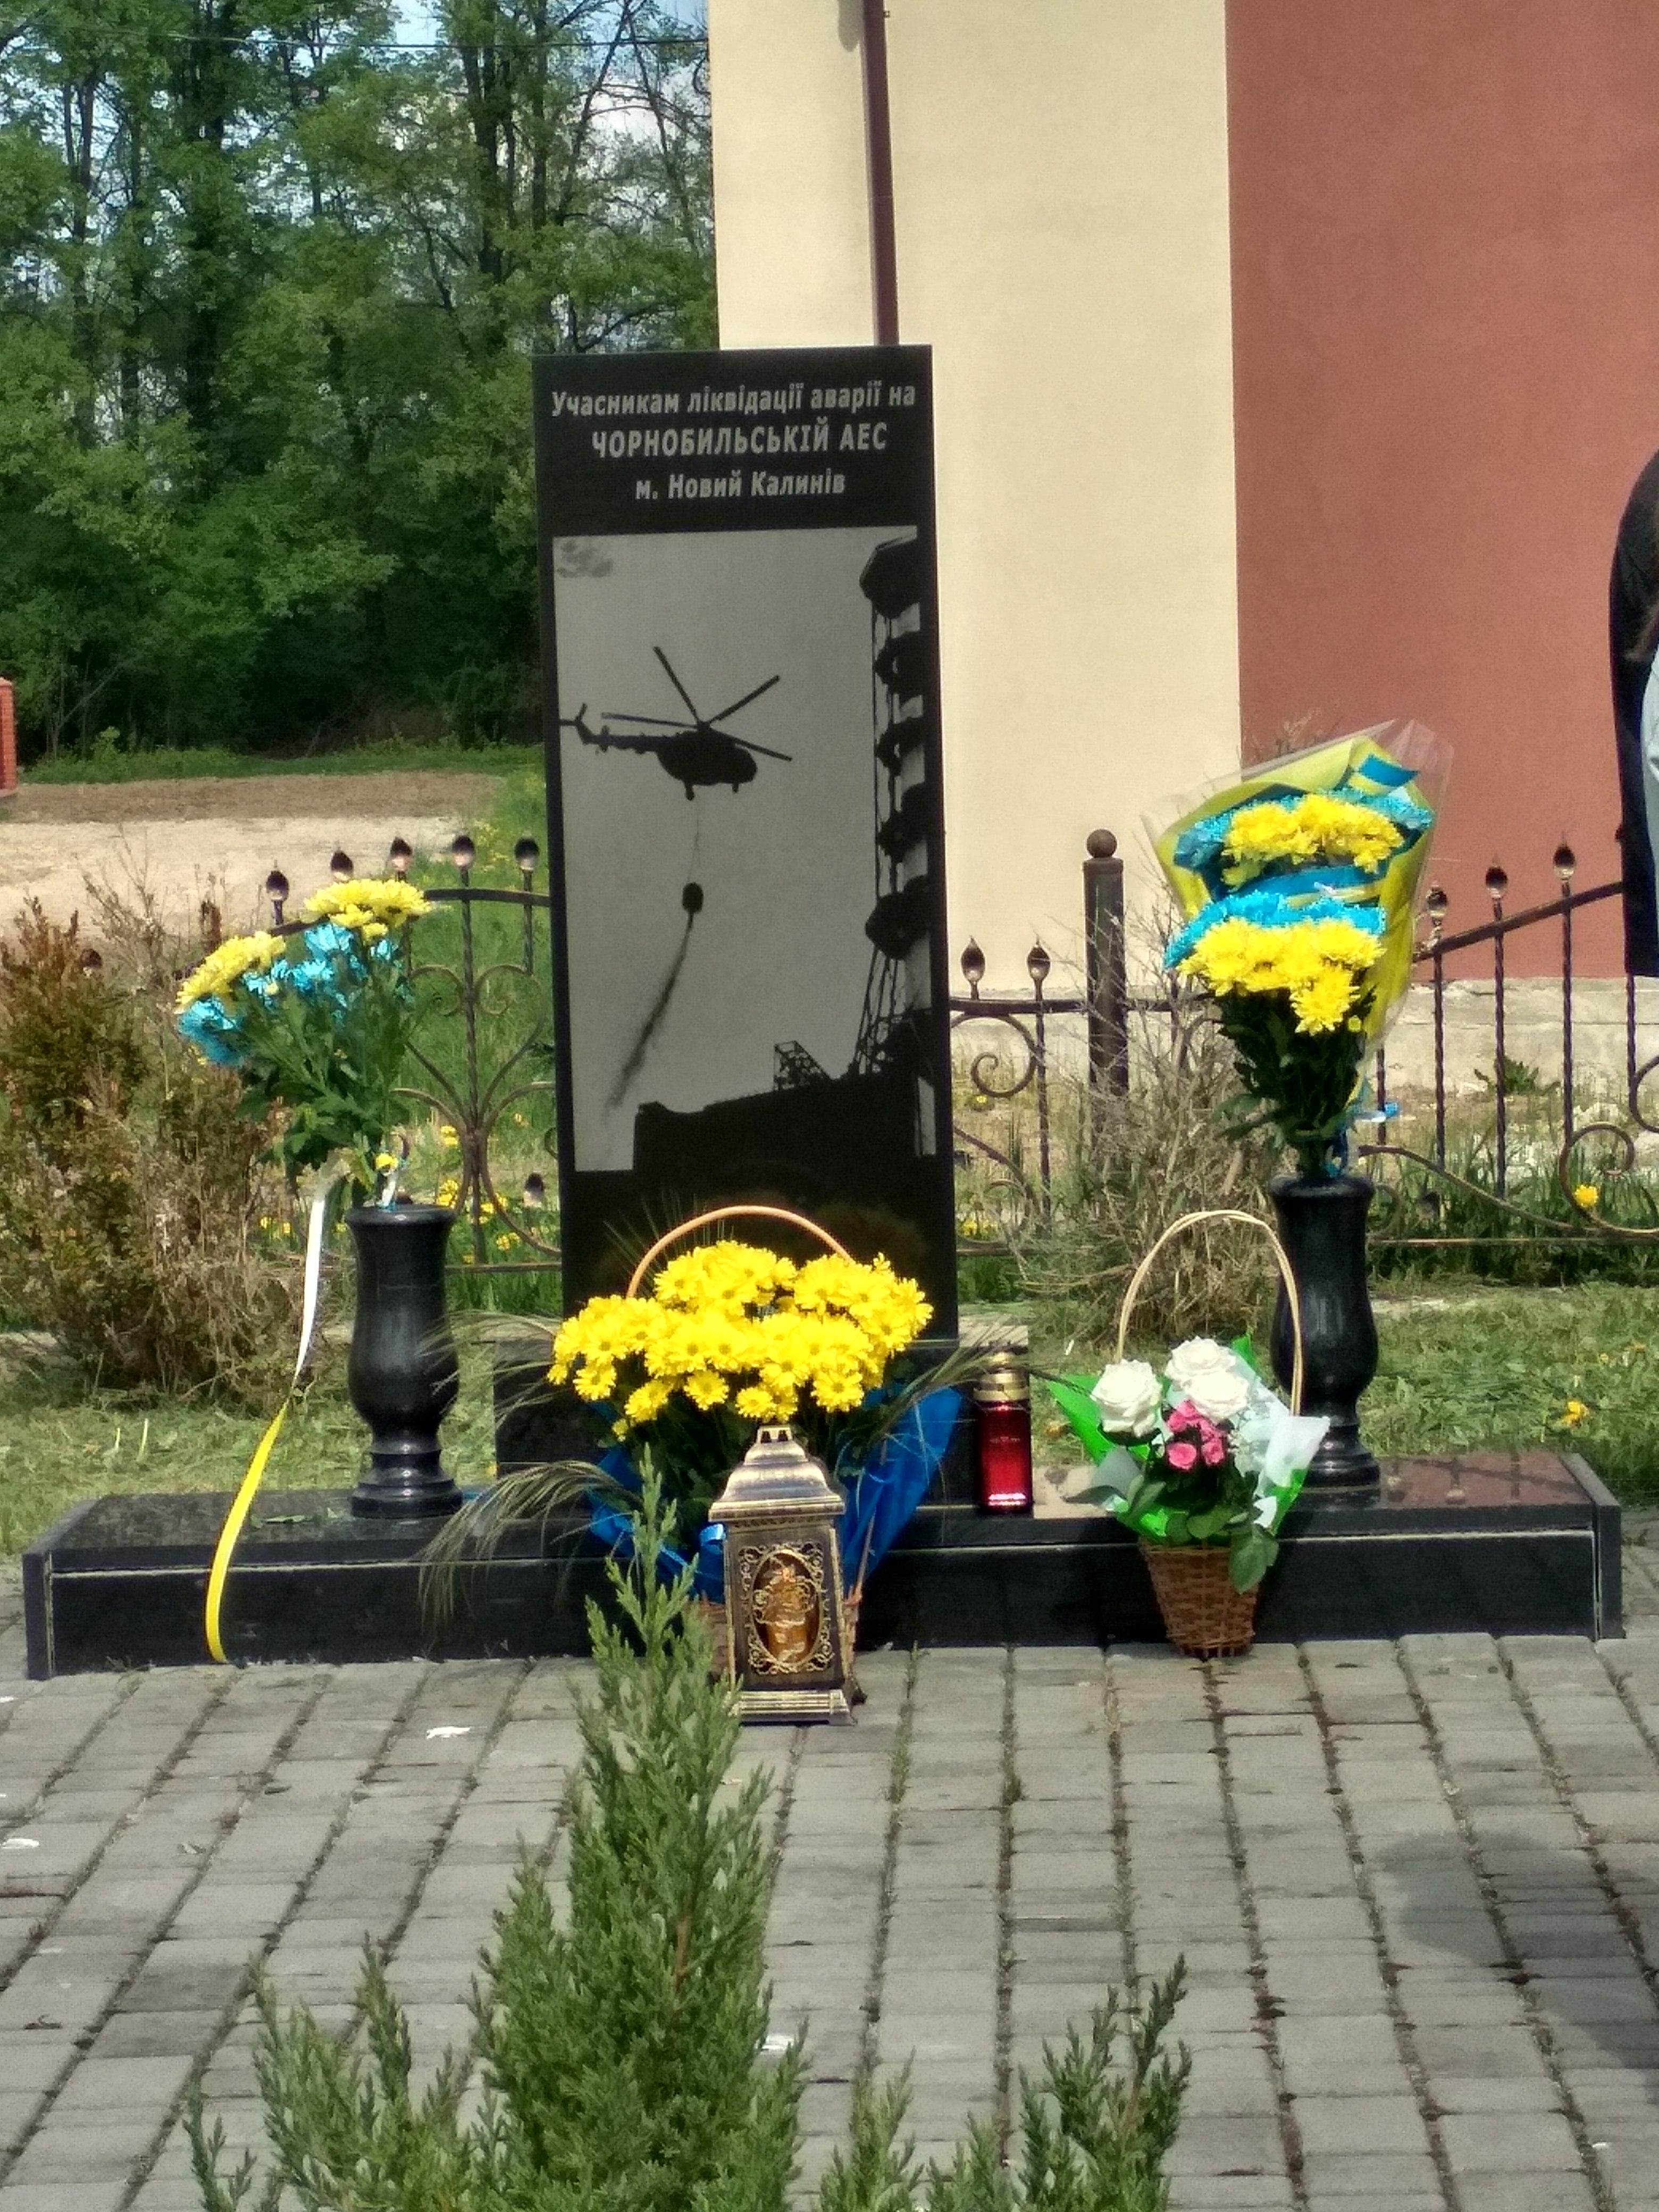 27.04.2018 roku v m. Novyi Kalyniv bilia Memorialnoho kompleksu voinam-afhantsiam, likvidatoram Chornobylskoi katastrofy ta uchasnykam myrotvorchykh misii, vidbuvsia mitynh